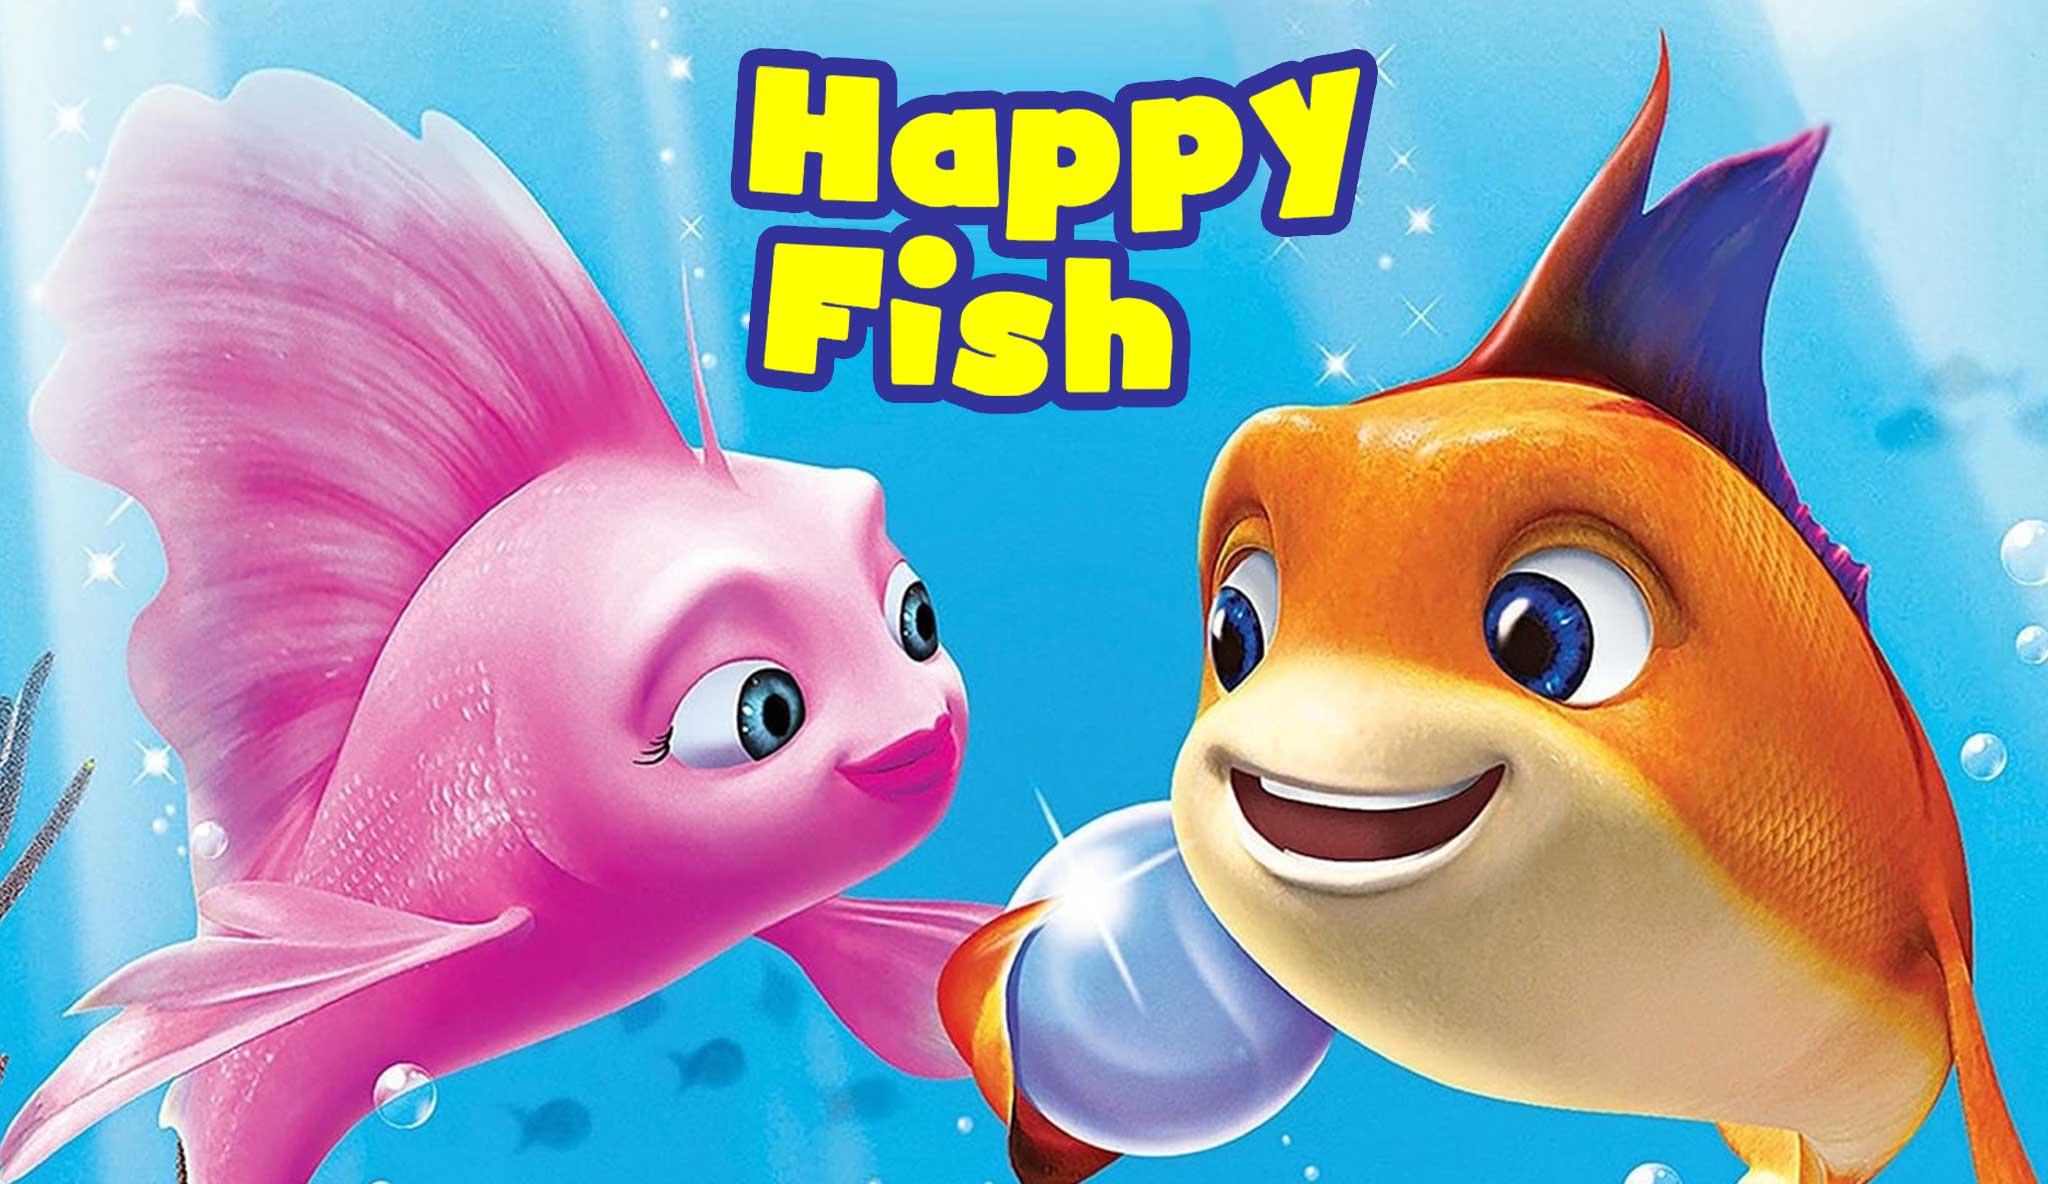 happy-fish-hai-alarm-und-frische-fische\header.jpg